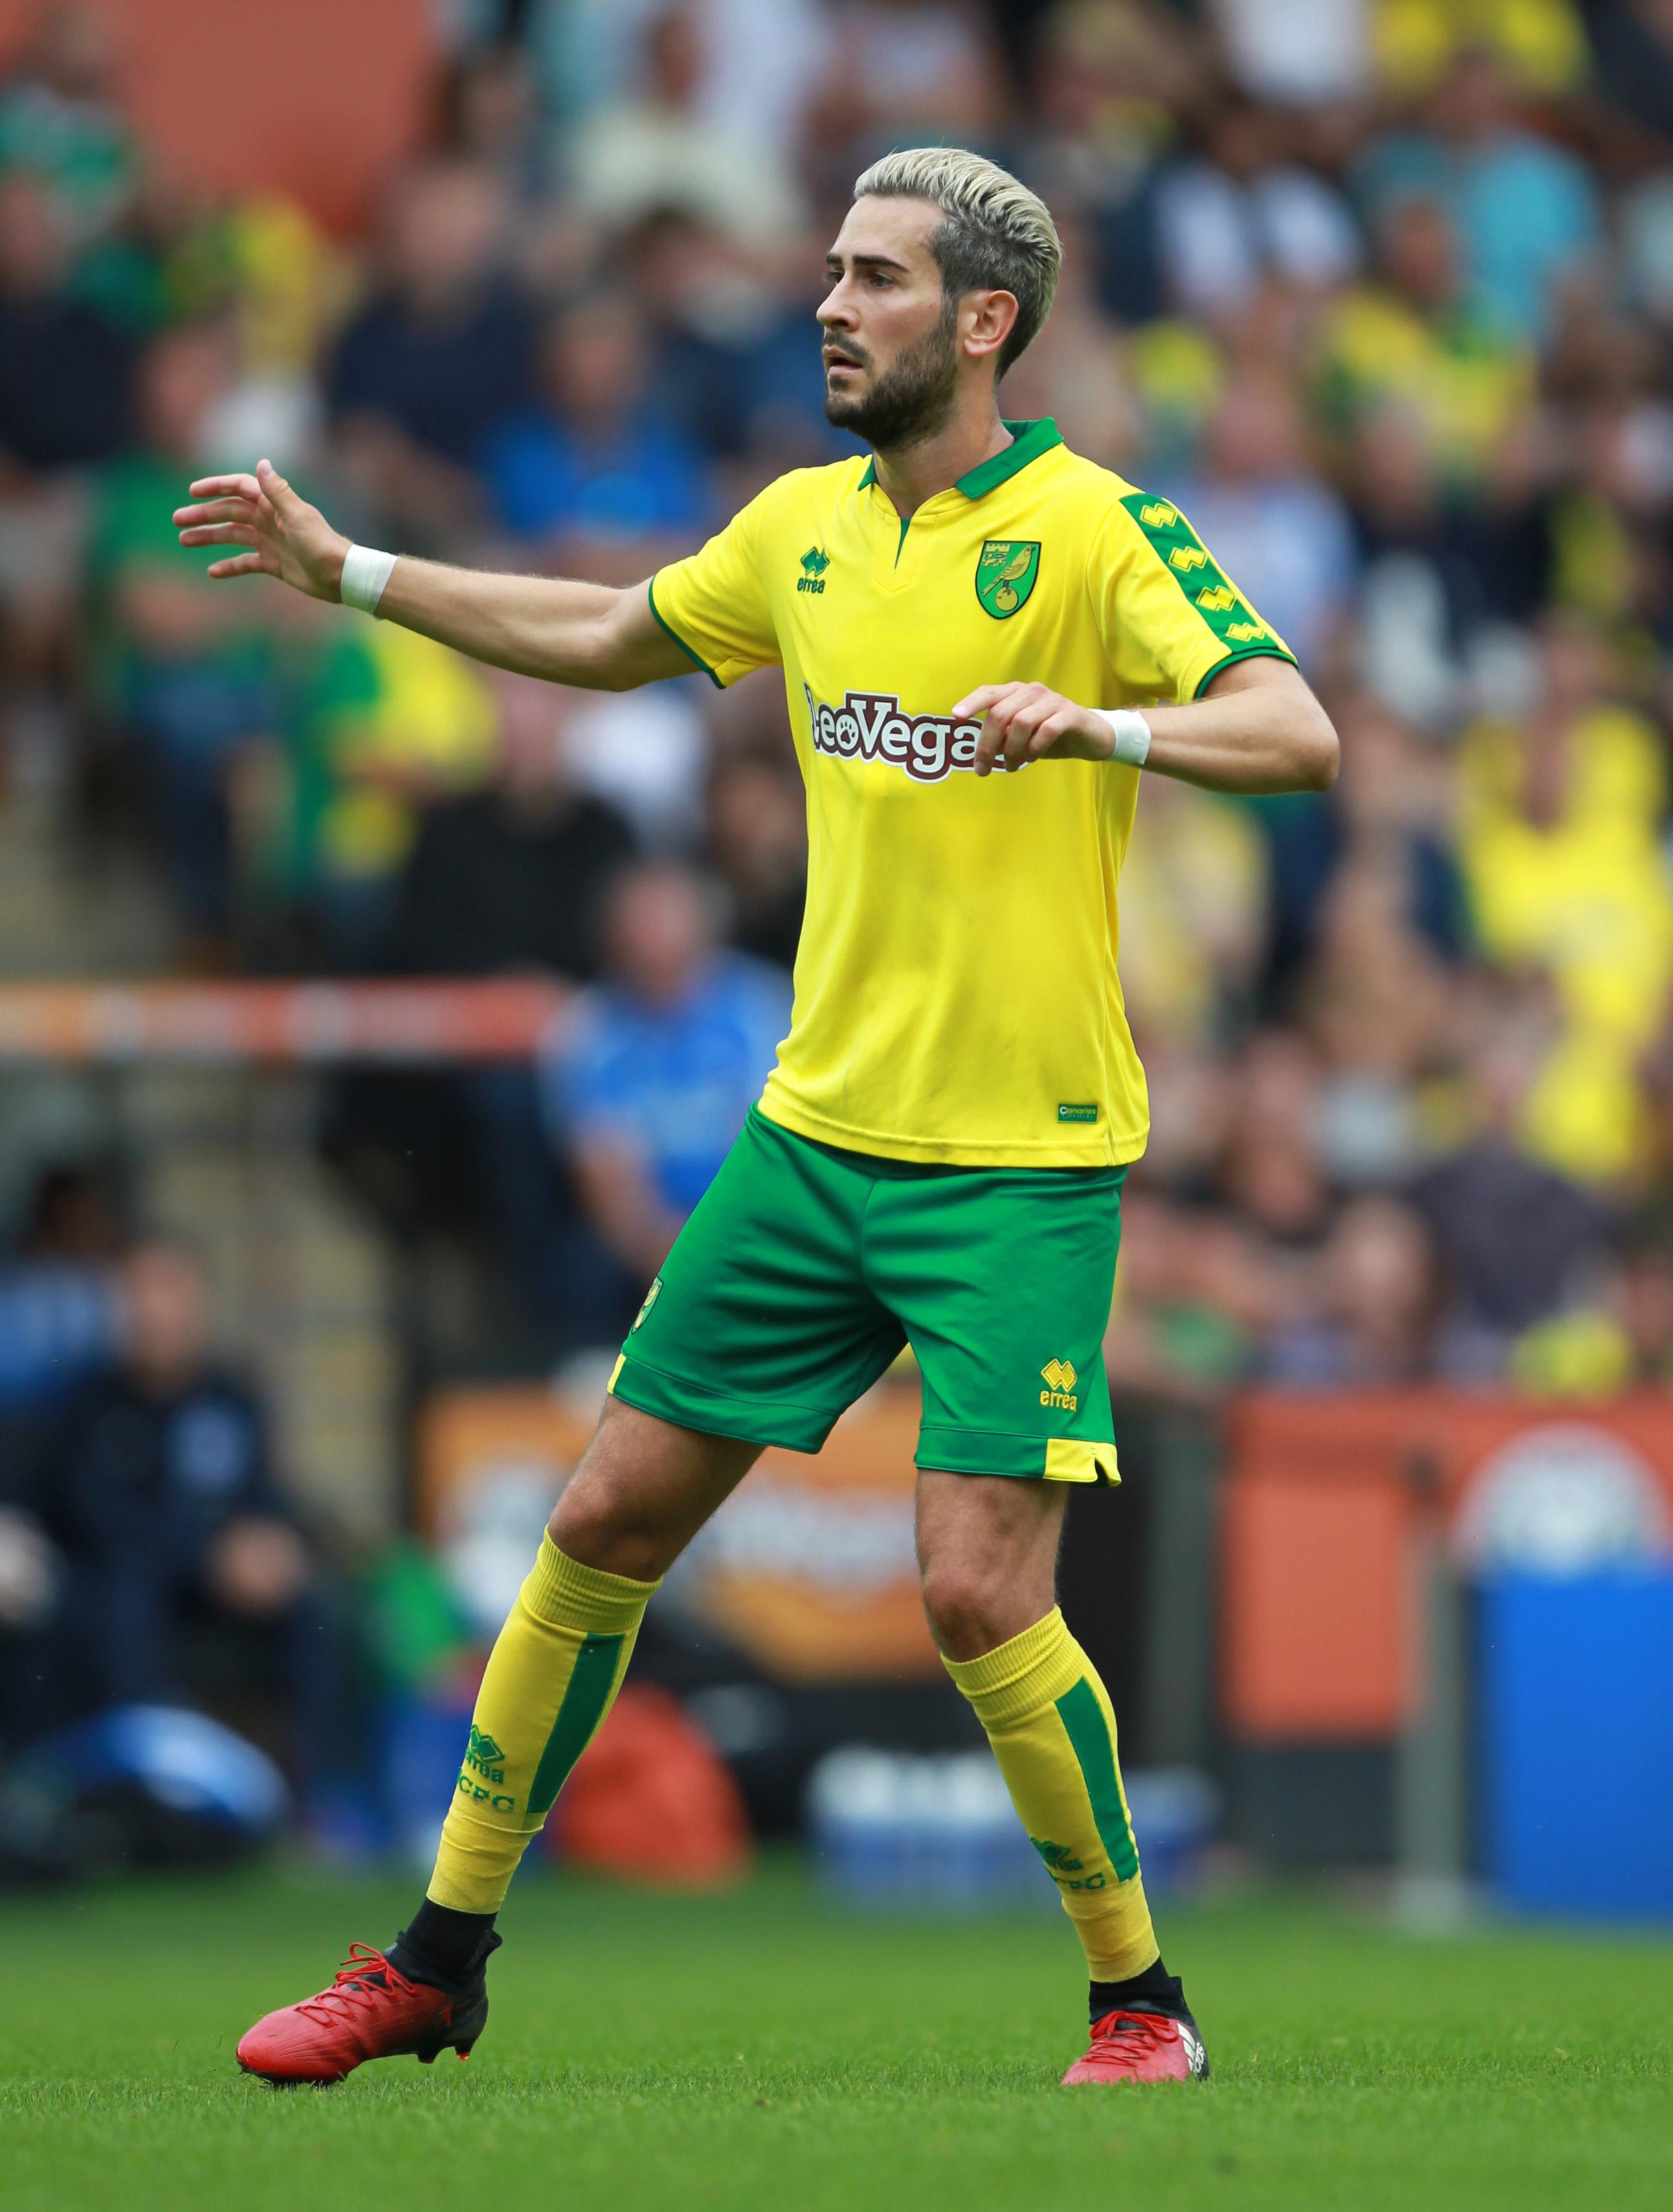 Norwich City v Brighton & Hove Albion - Pre Season Friendly